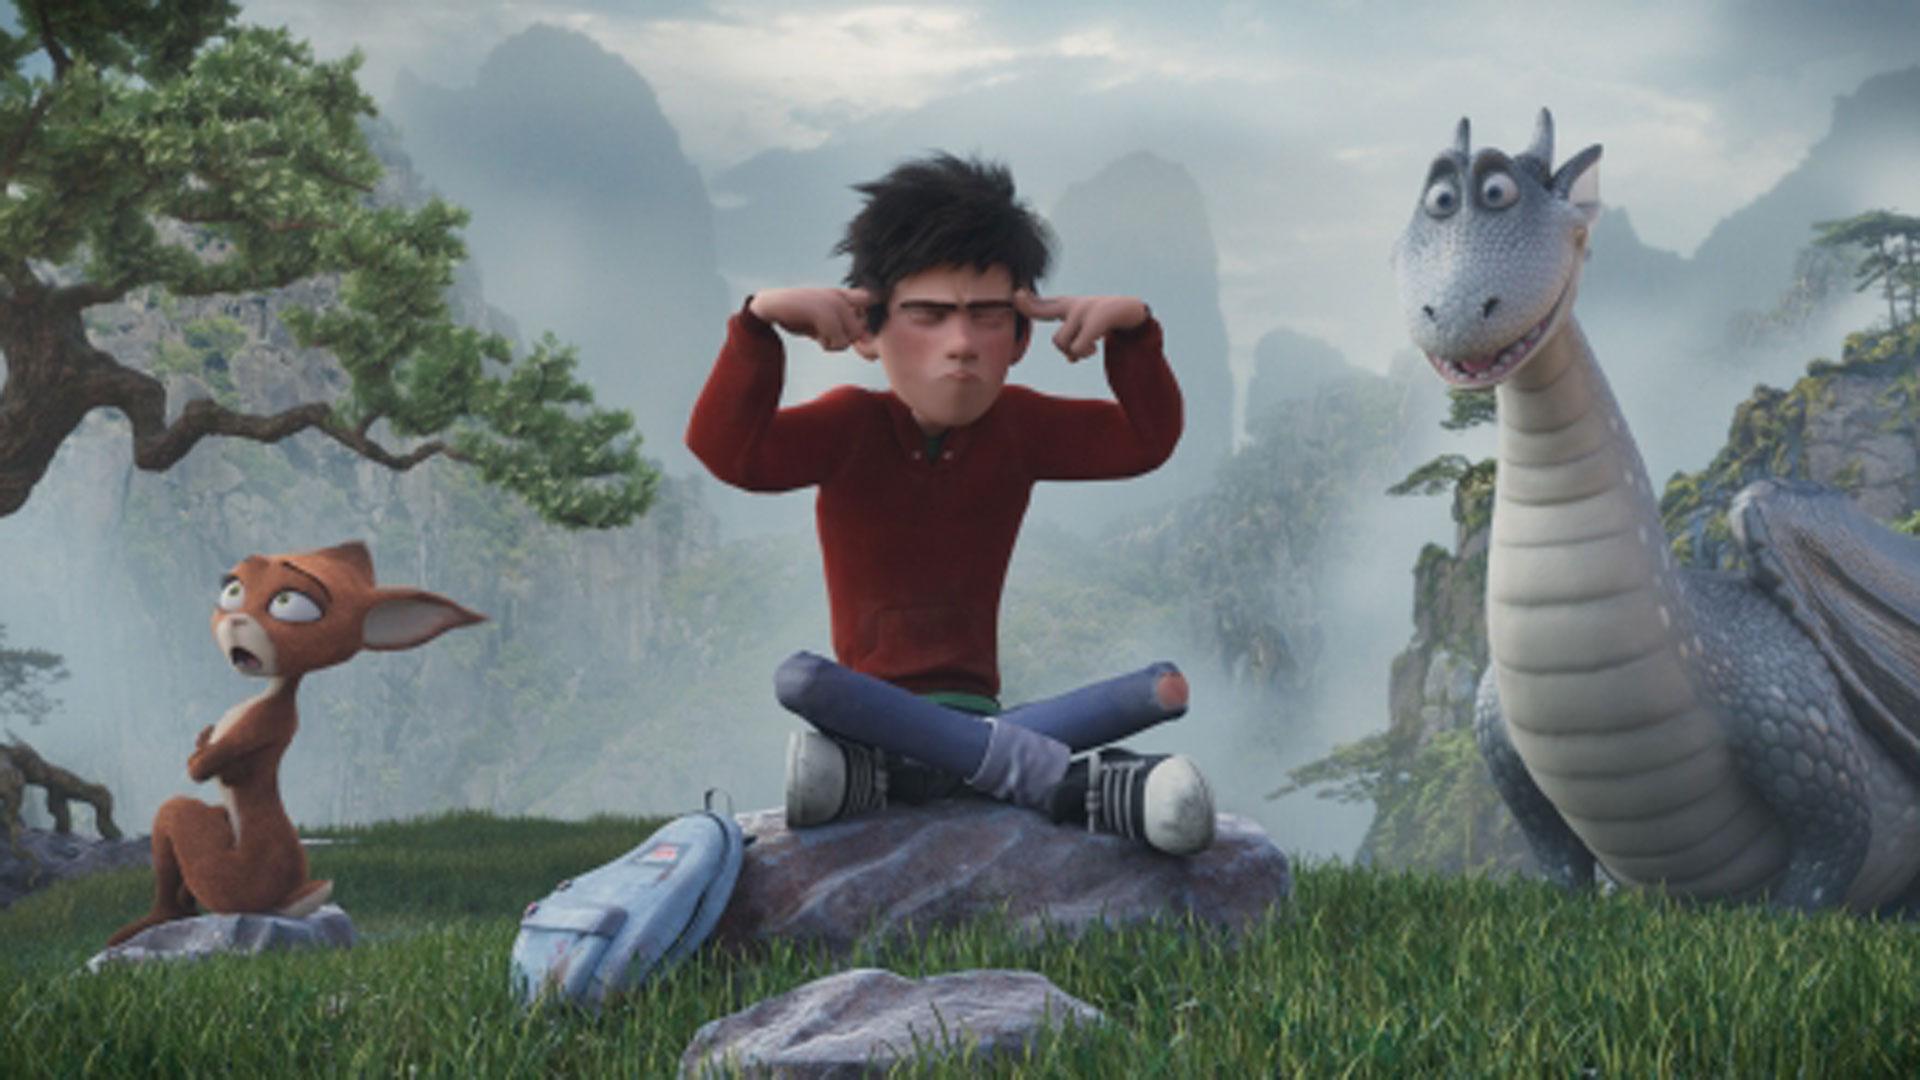 Koboldmädchen Schwefelfell, Jungdrache Lung und der Wasienjunge Ben sitzen auf einer Wiese. Ein Szenenbild aus dem Animationsfilm Drachenreiter